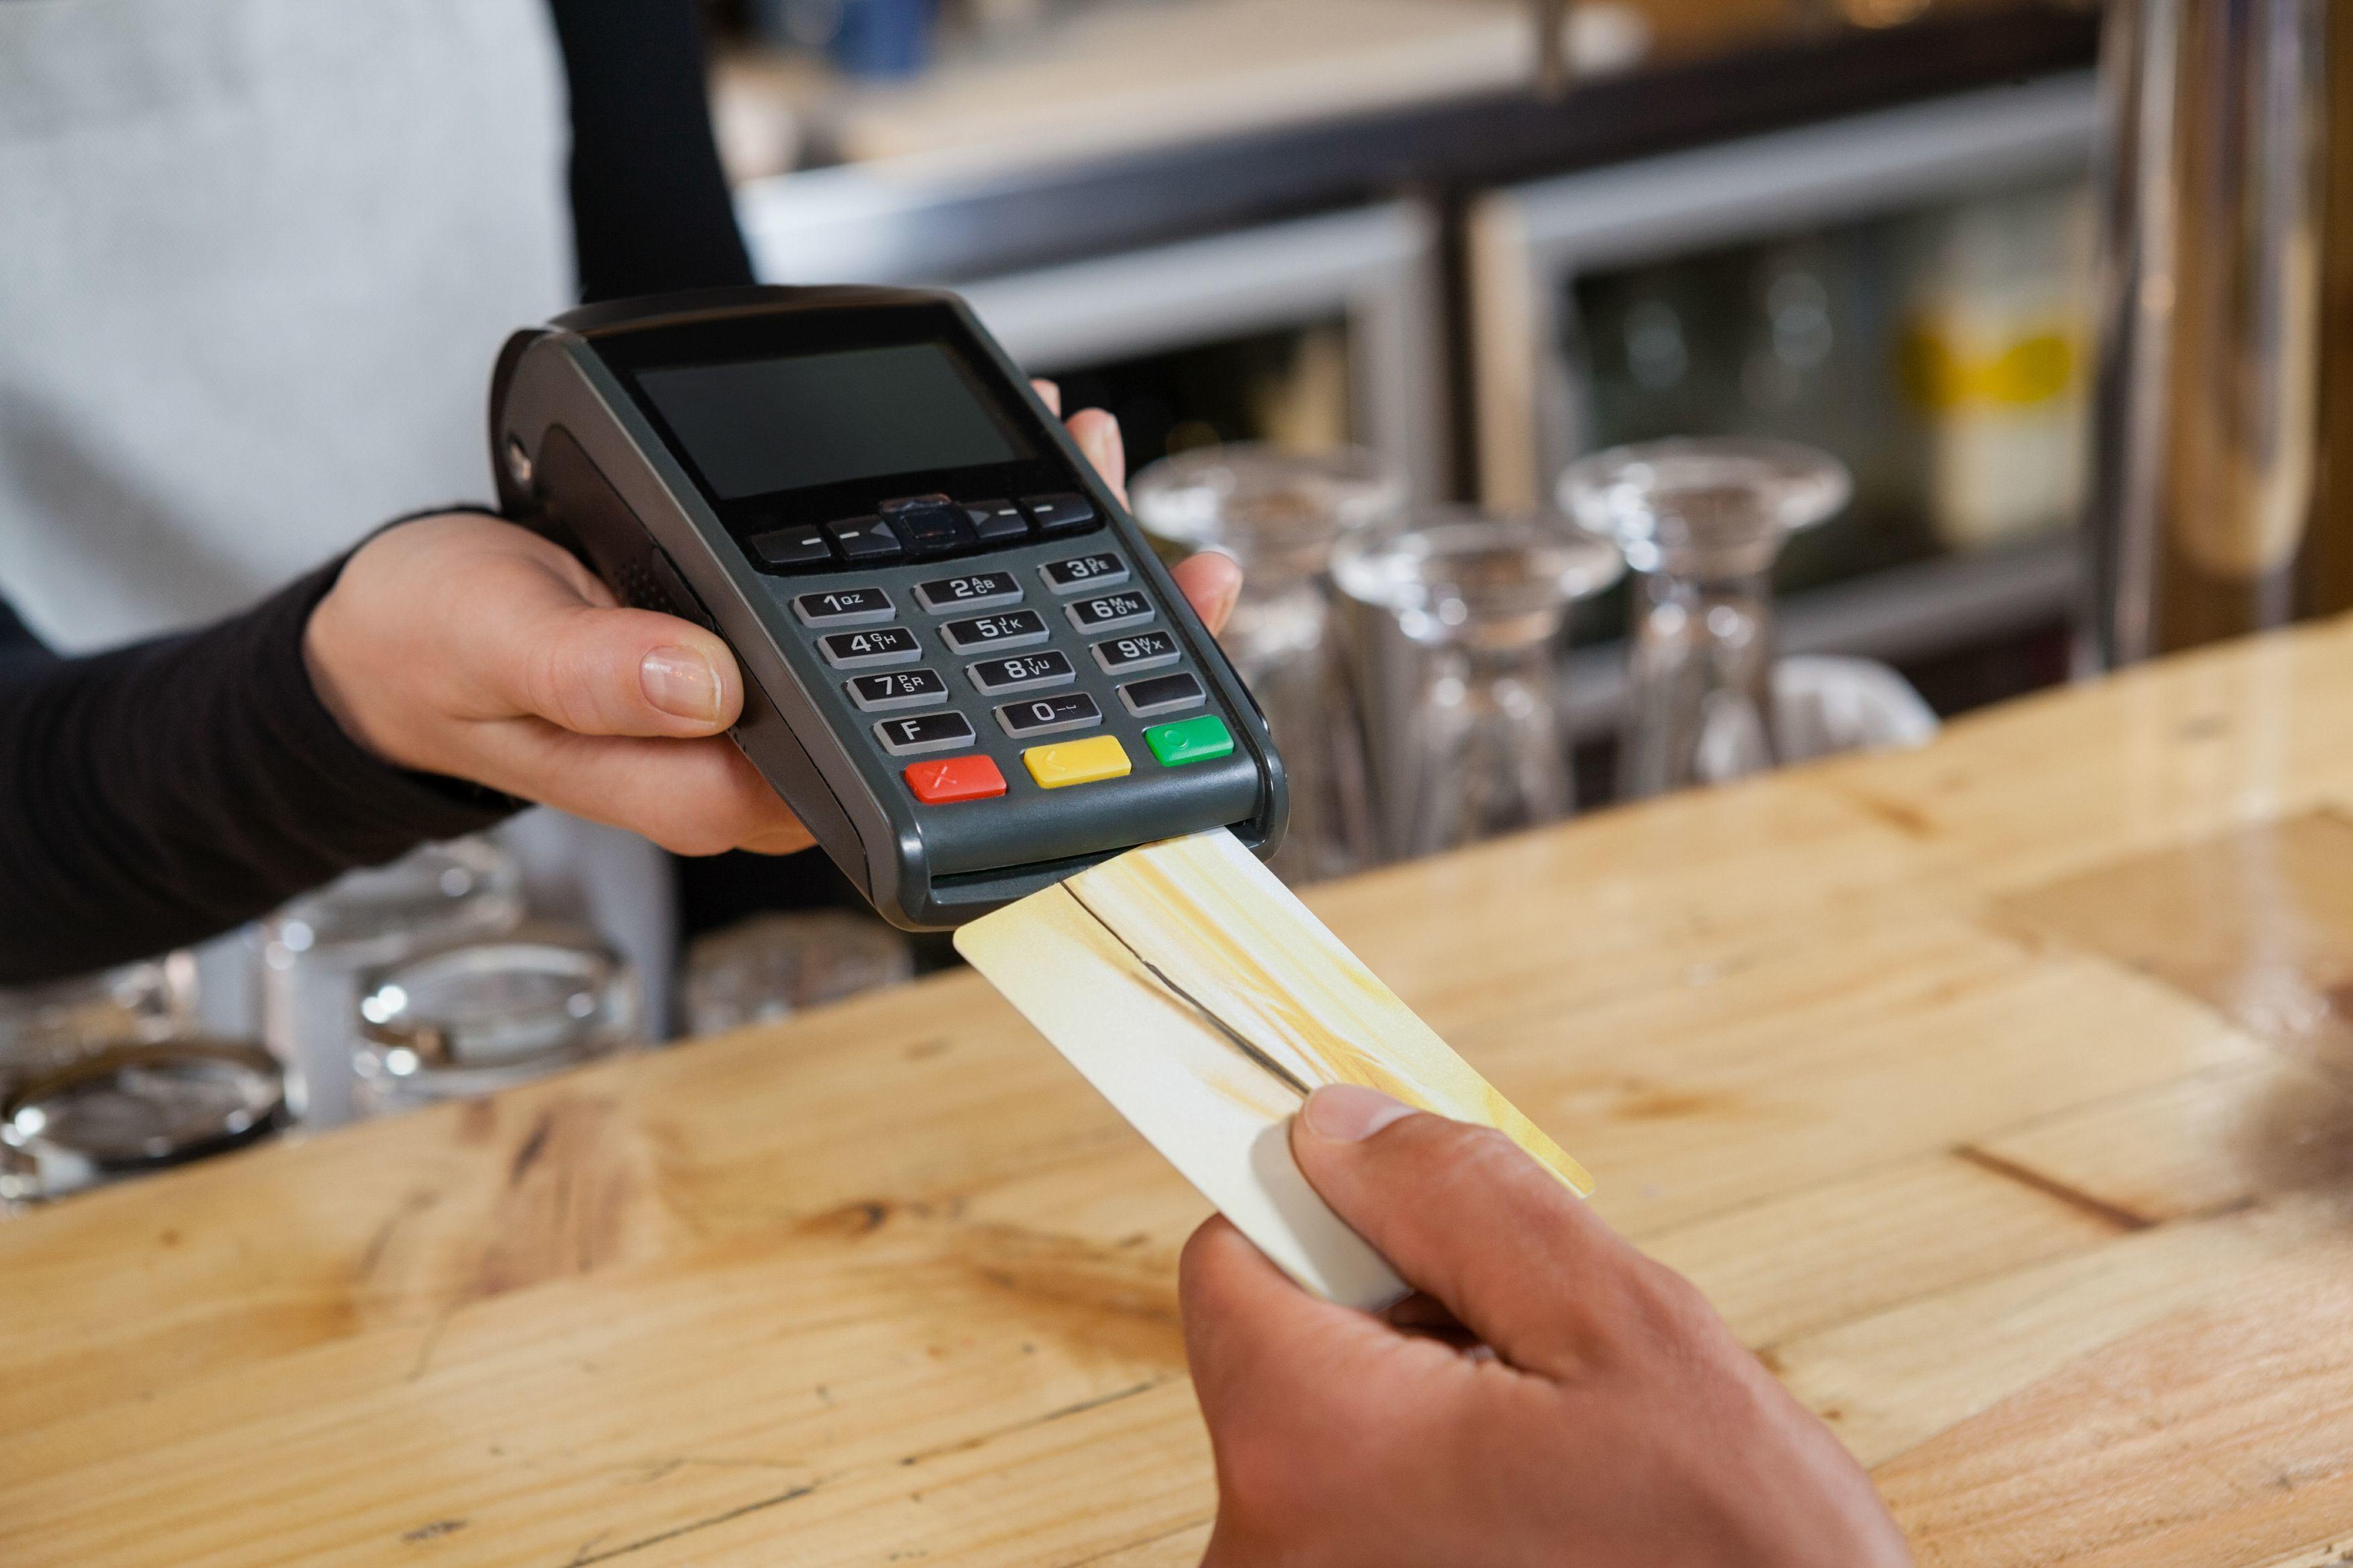 2018年信用卡取现和套现,哪个更划算?手续费差多少?